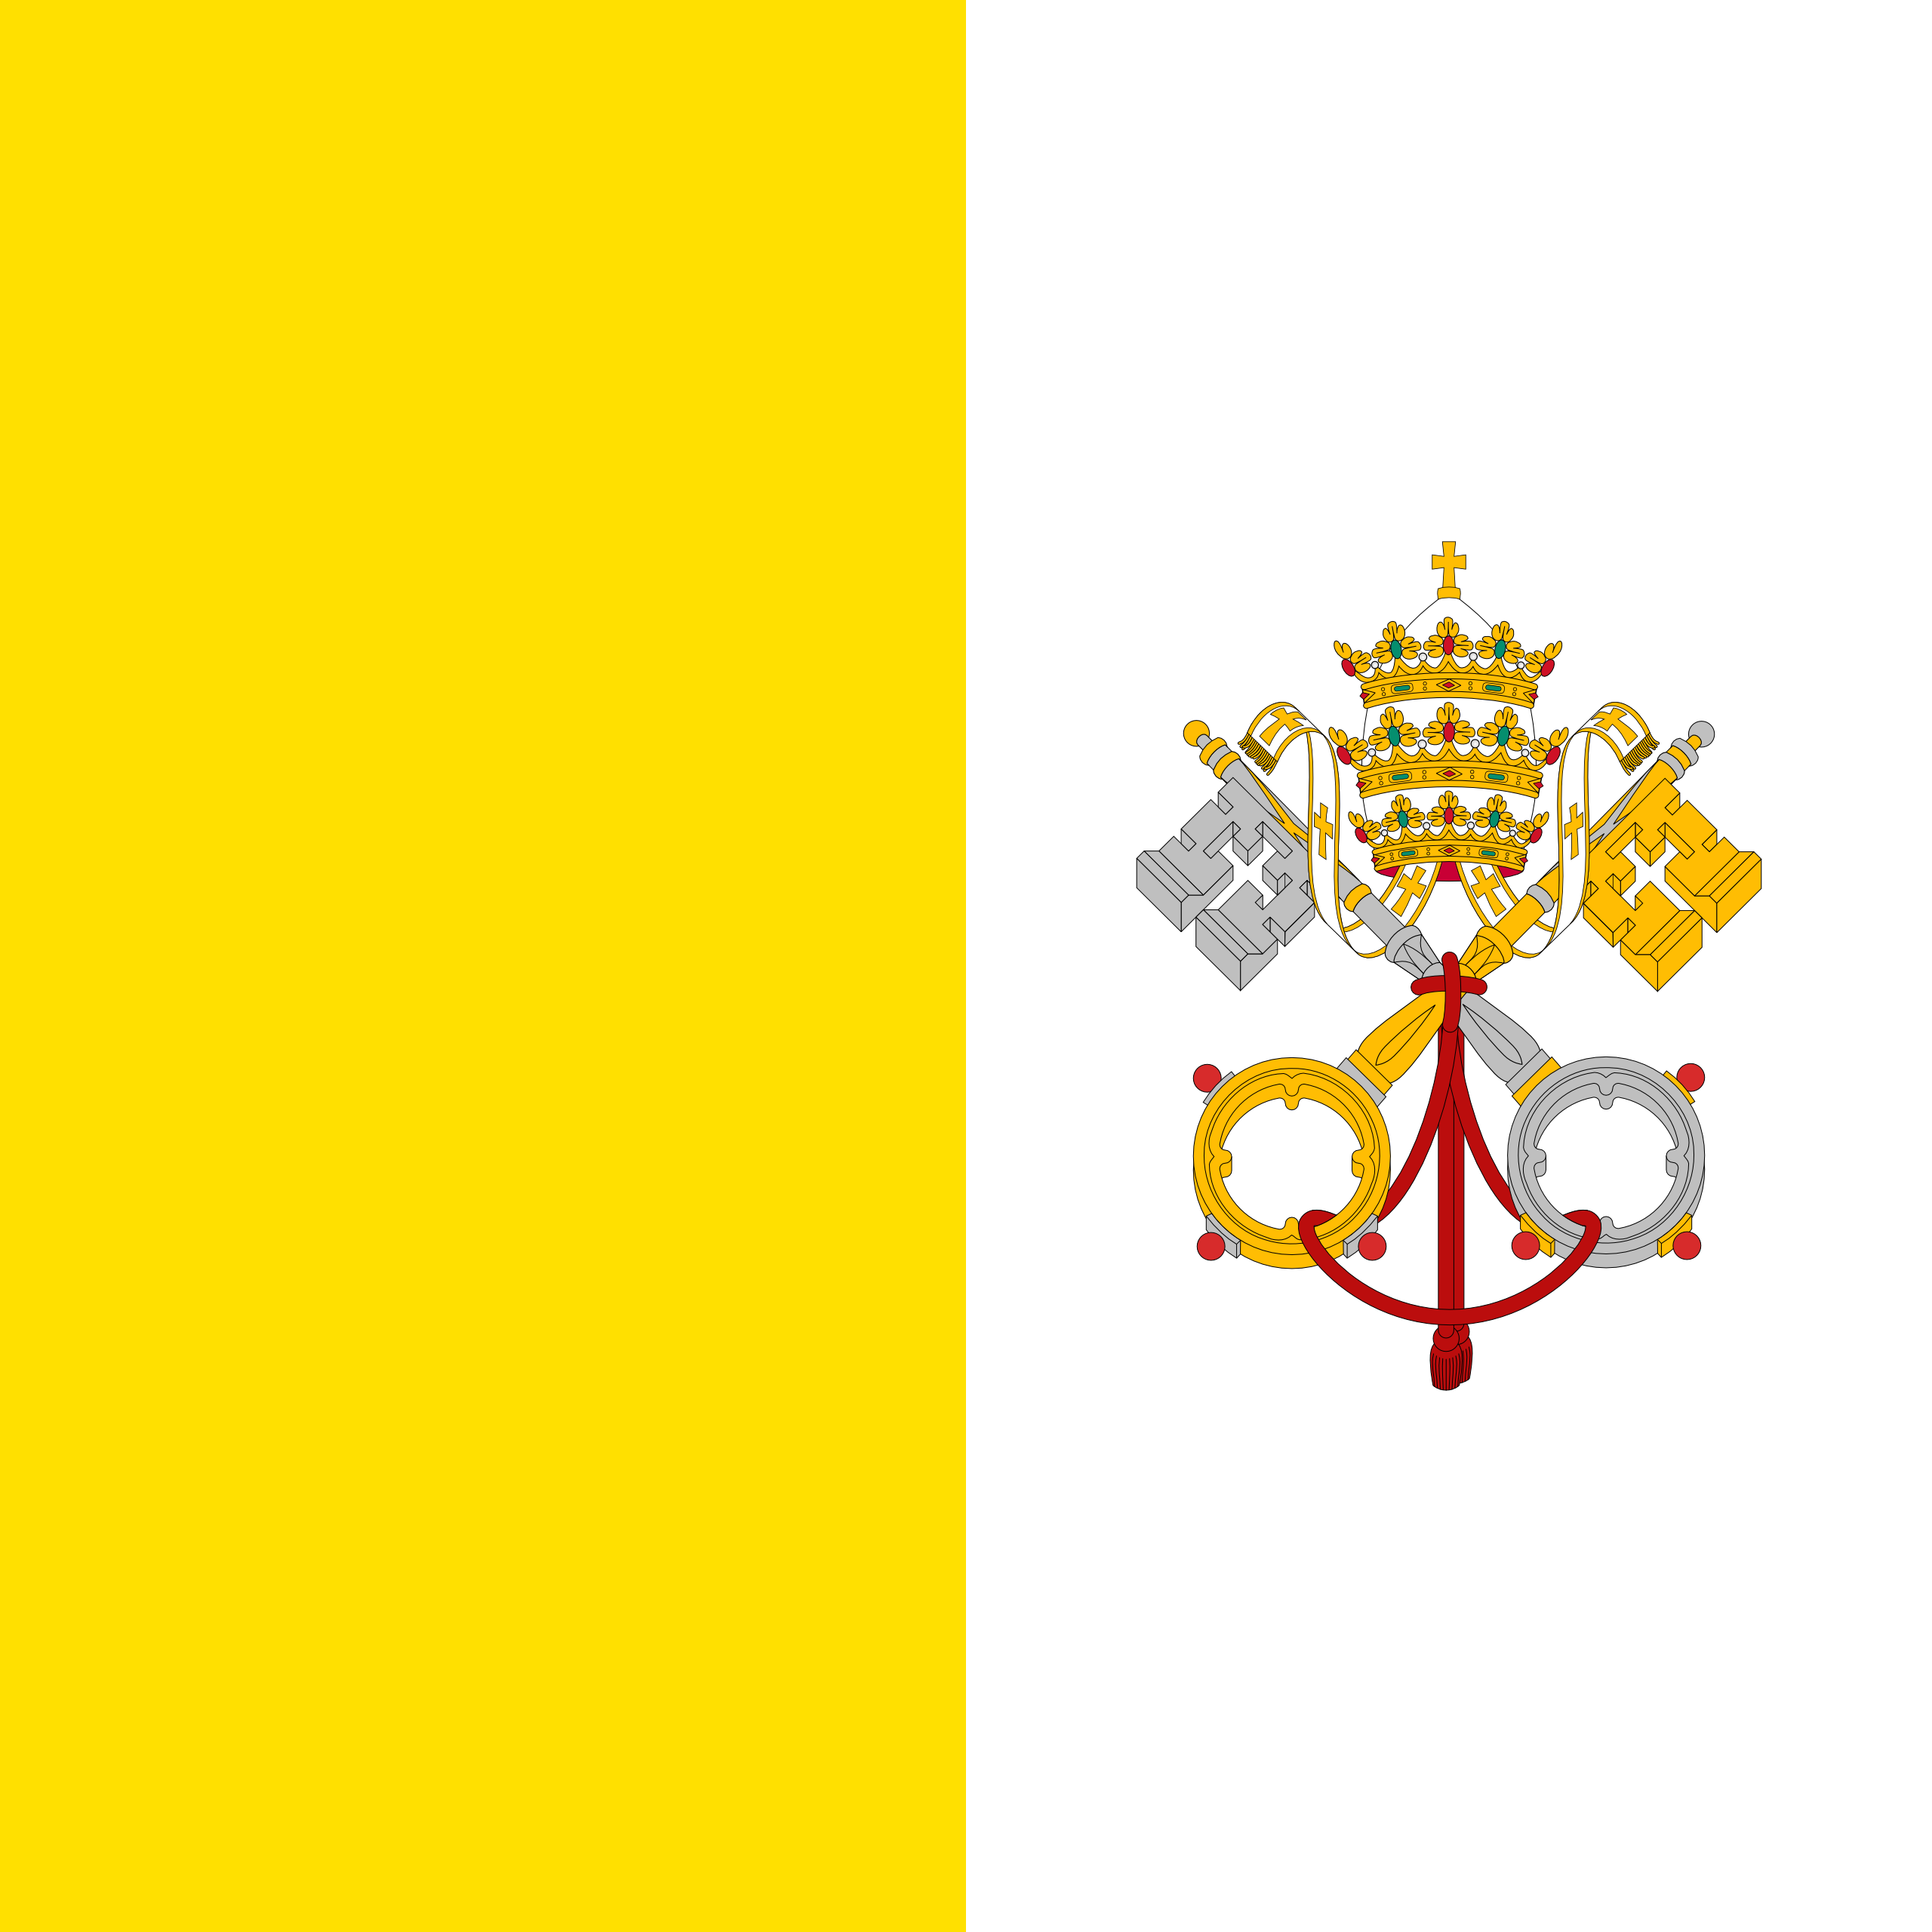 梵蒂冈城, 国家, 会徽, 徽标, 符号 - 高清壁纸 - 教授-falken.com